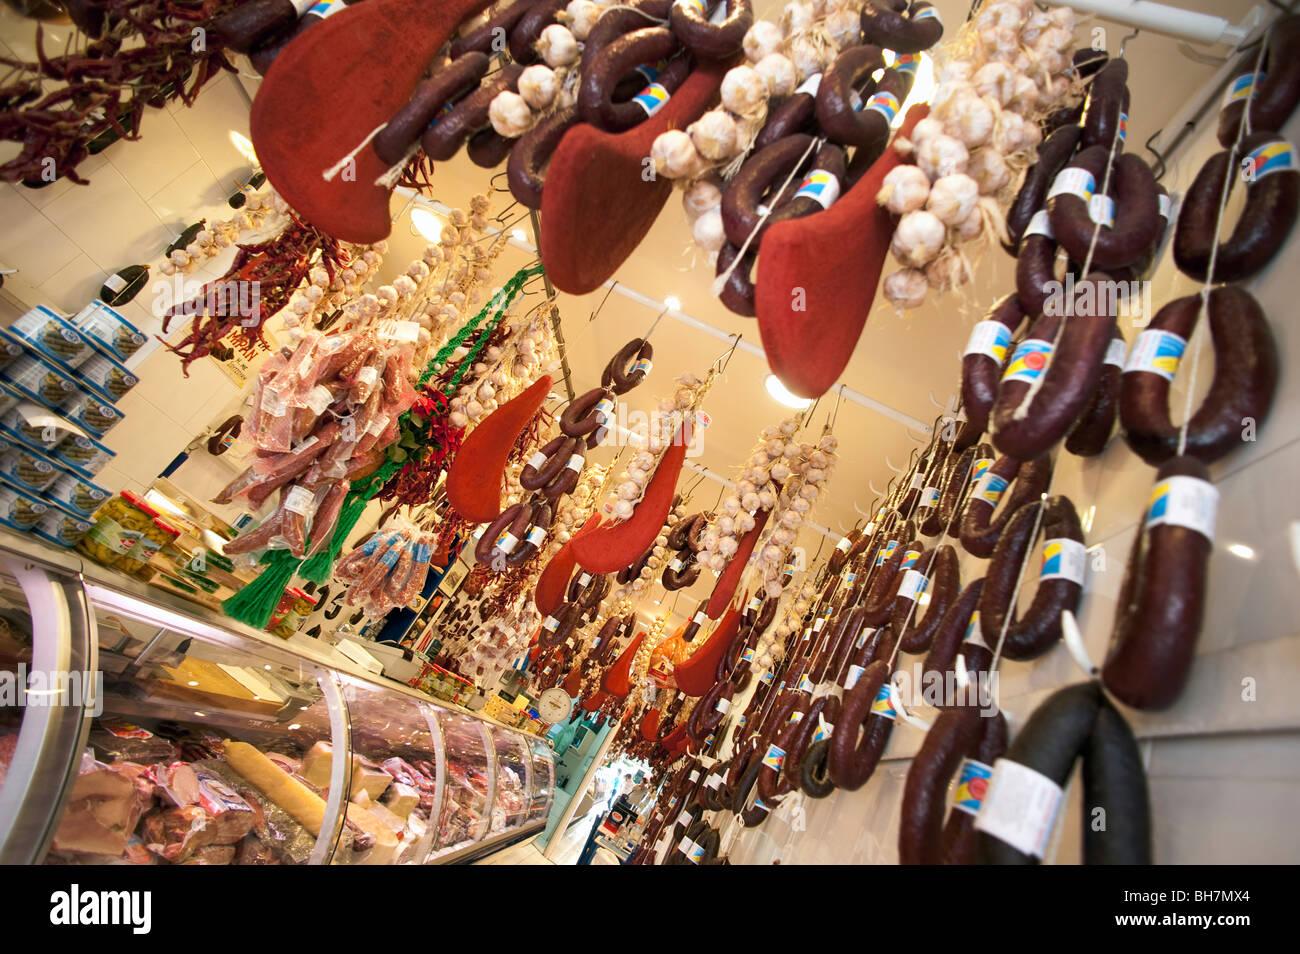 La pendaison des saucisses et jambons, une boutique gastronomique, Athènes, Grèce. Photo Stock